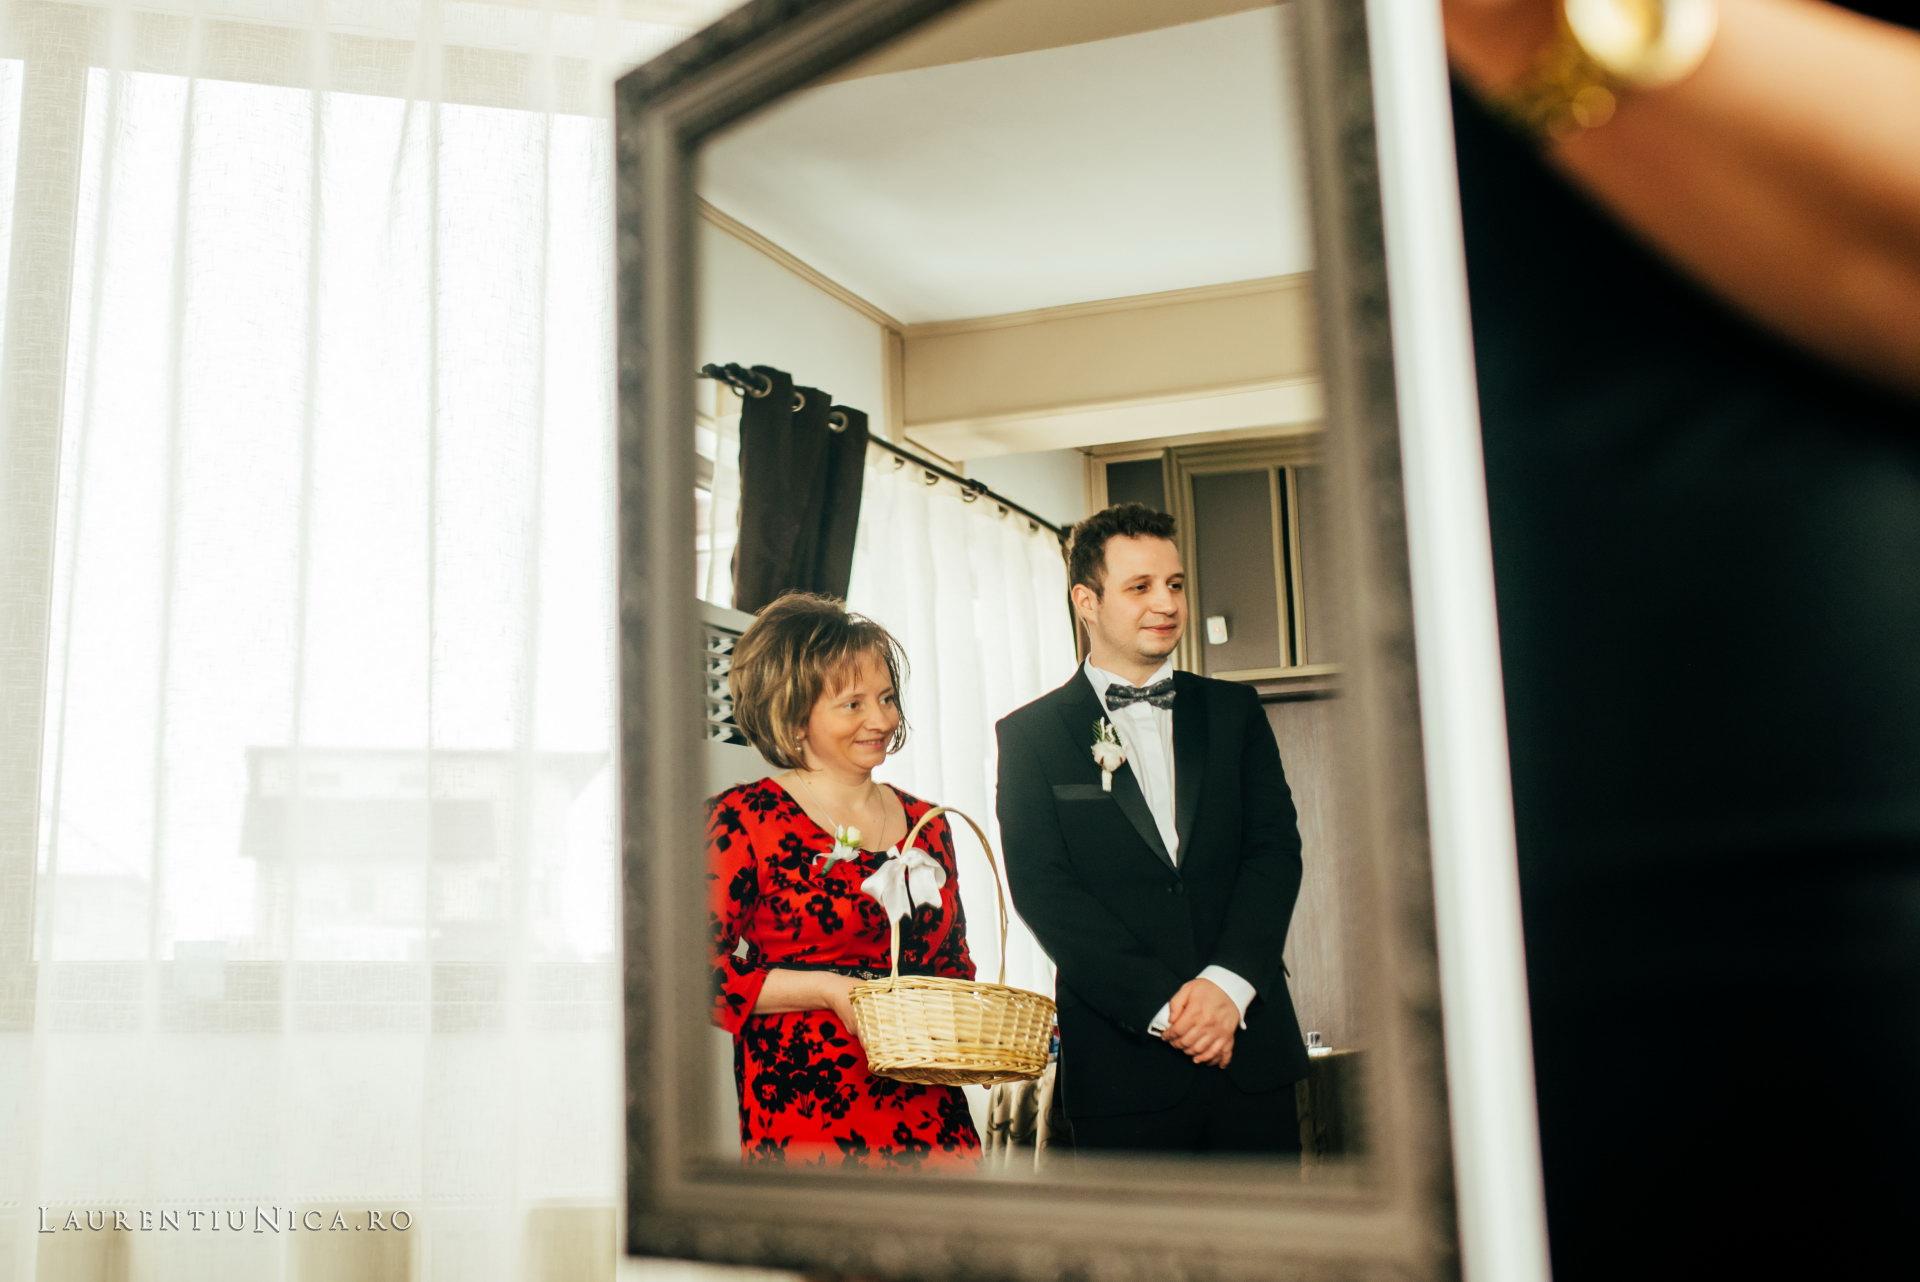 daniela si marius fotografii nunta craiova laurentiu nica16 - Daniela & Marius | Fotografii nunta